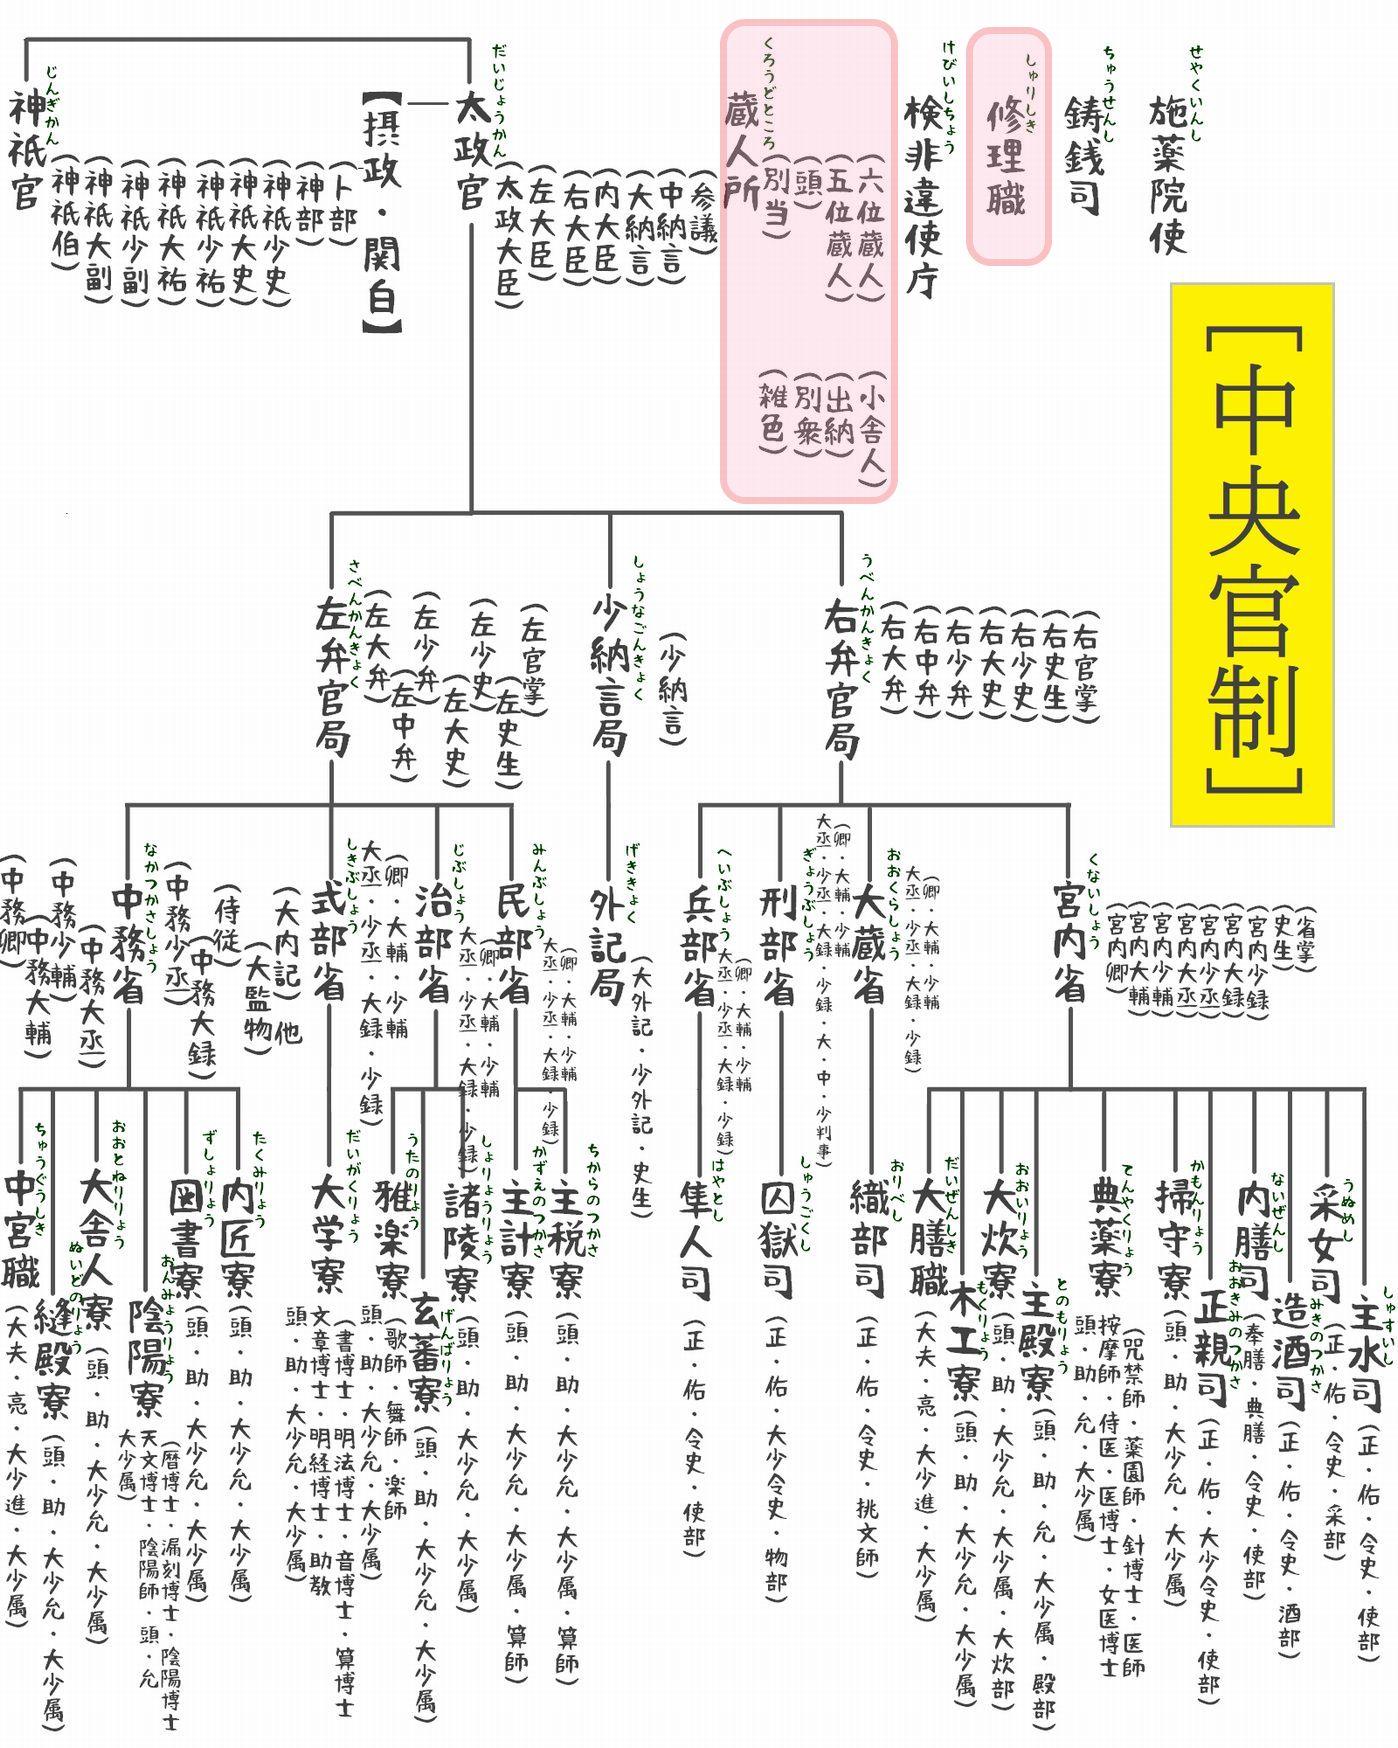 官職表(中央官制1)a